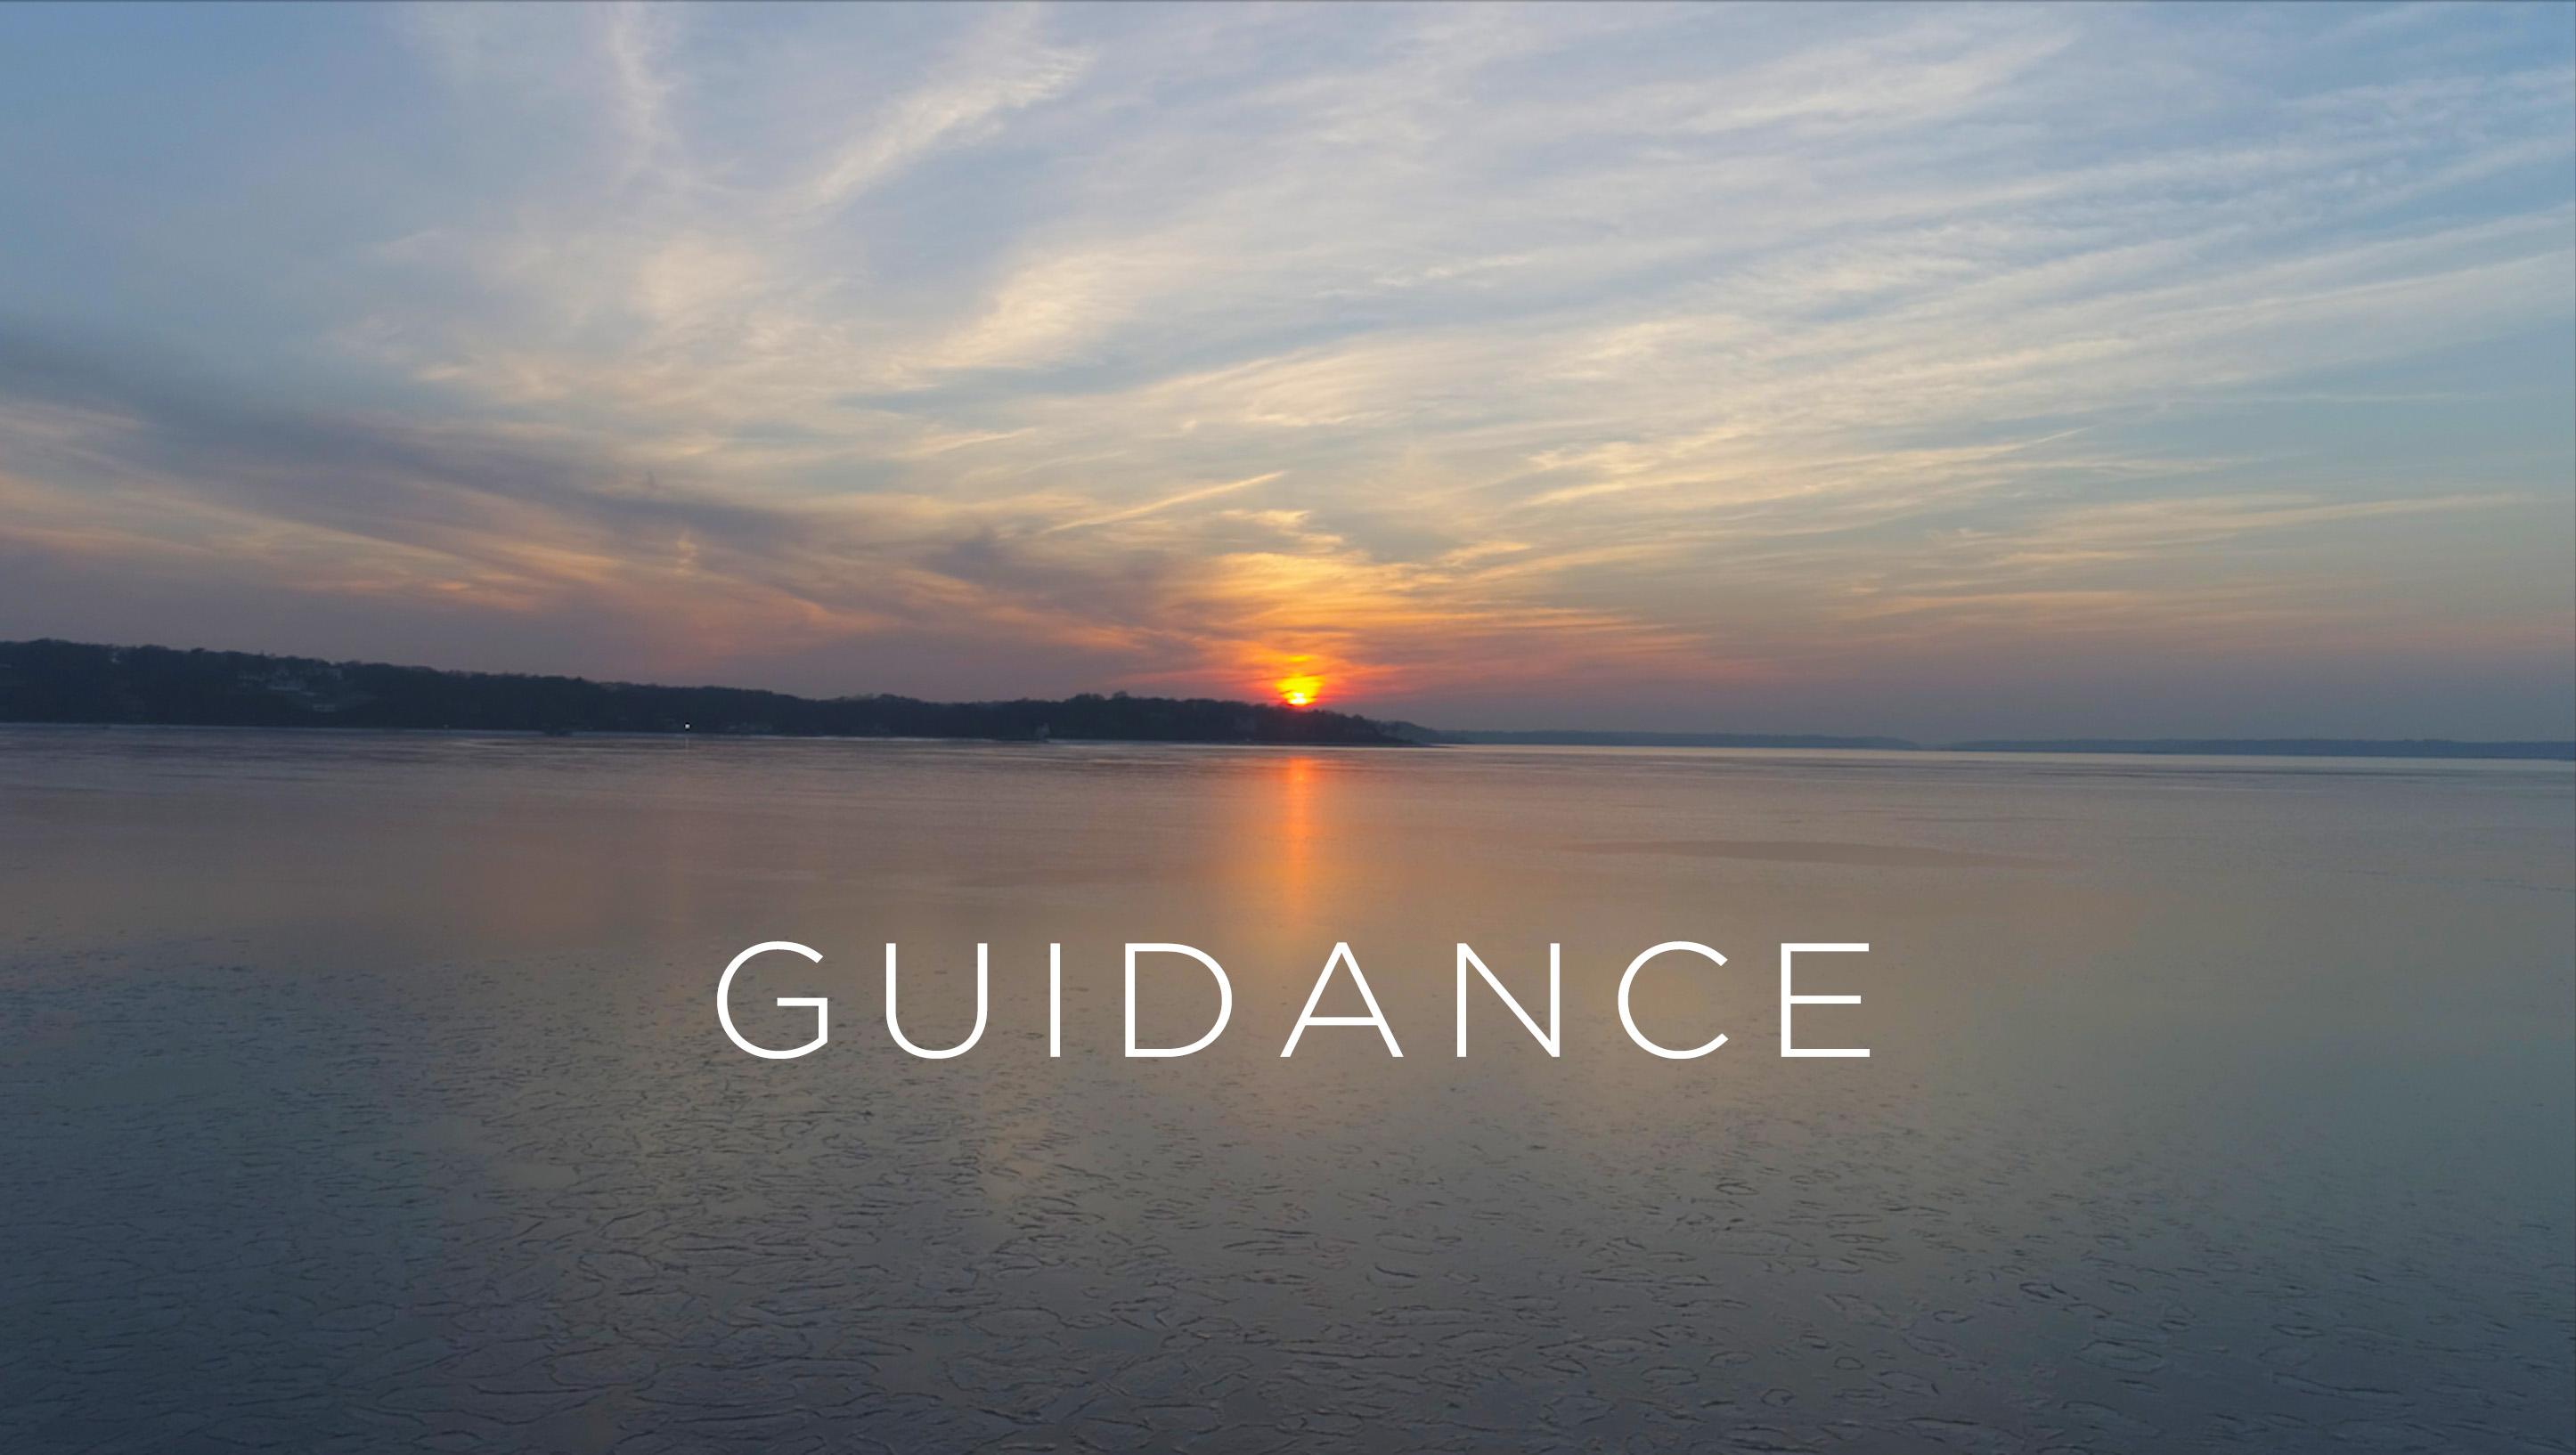 GUIDANCE-John